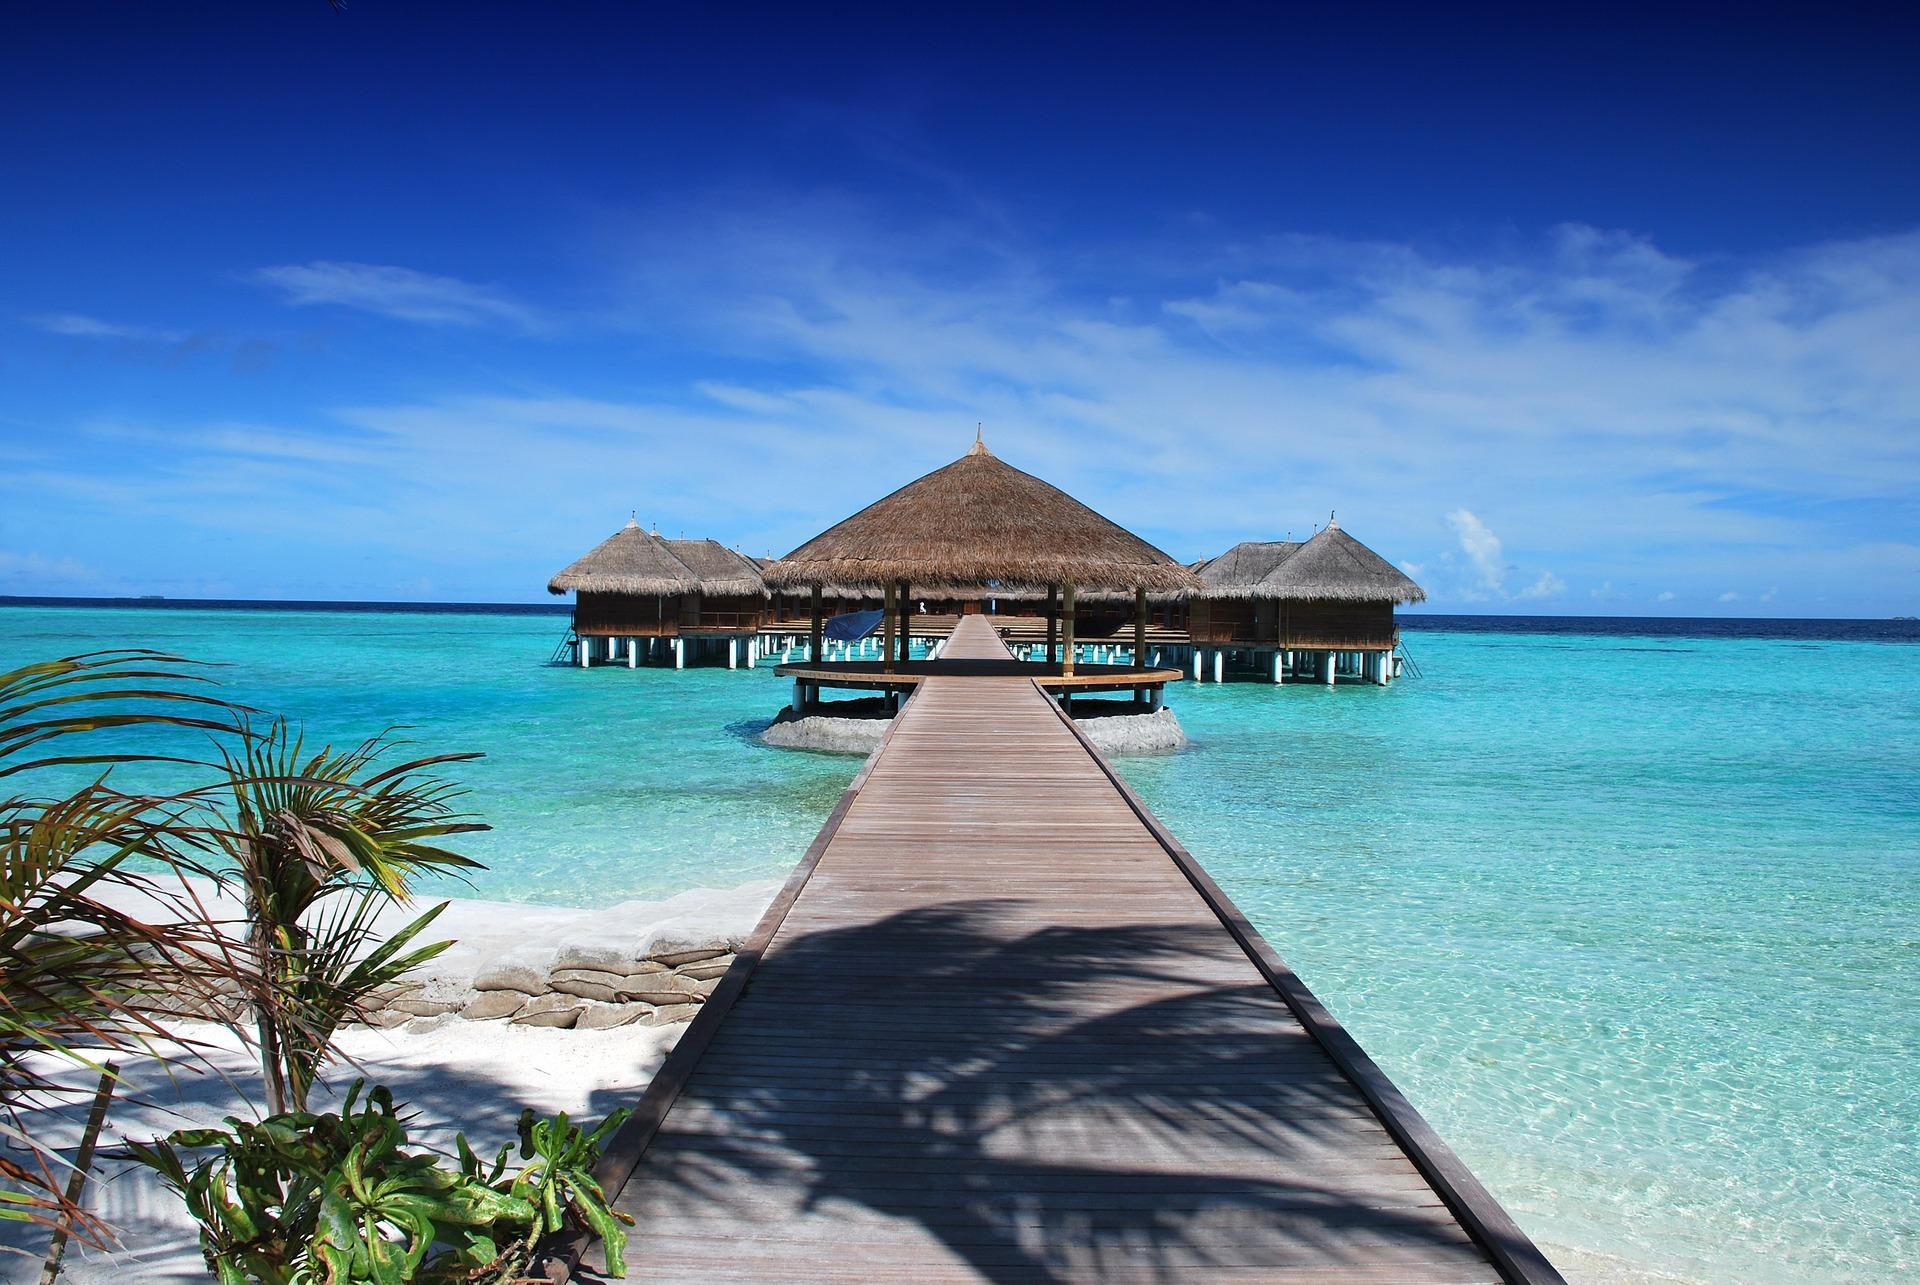 Anantara Kihavah Villas, The Maldives